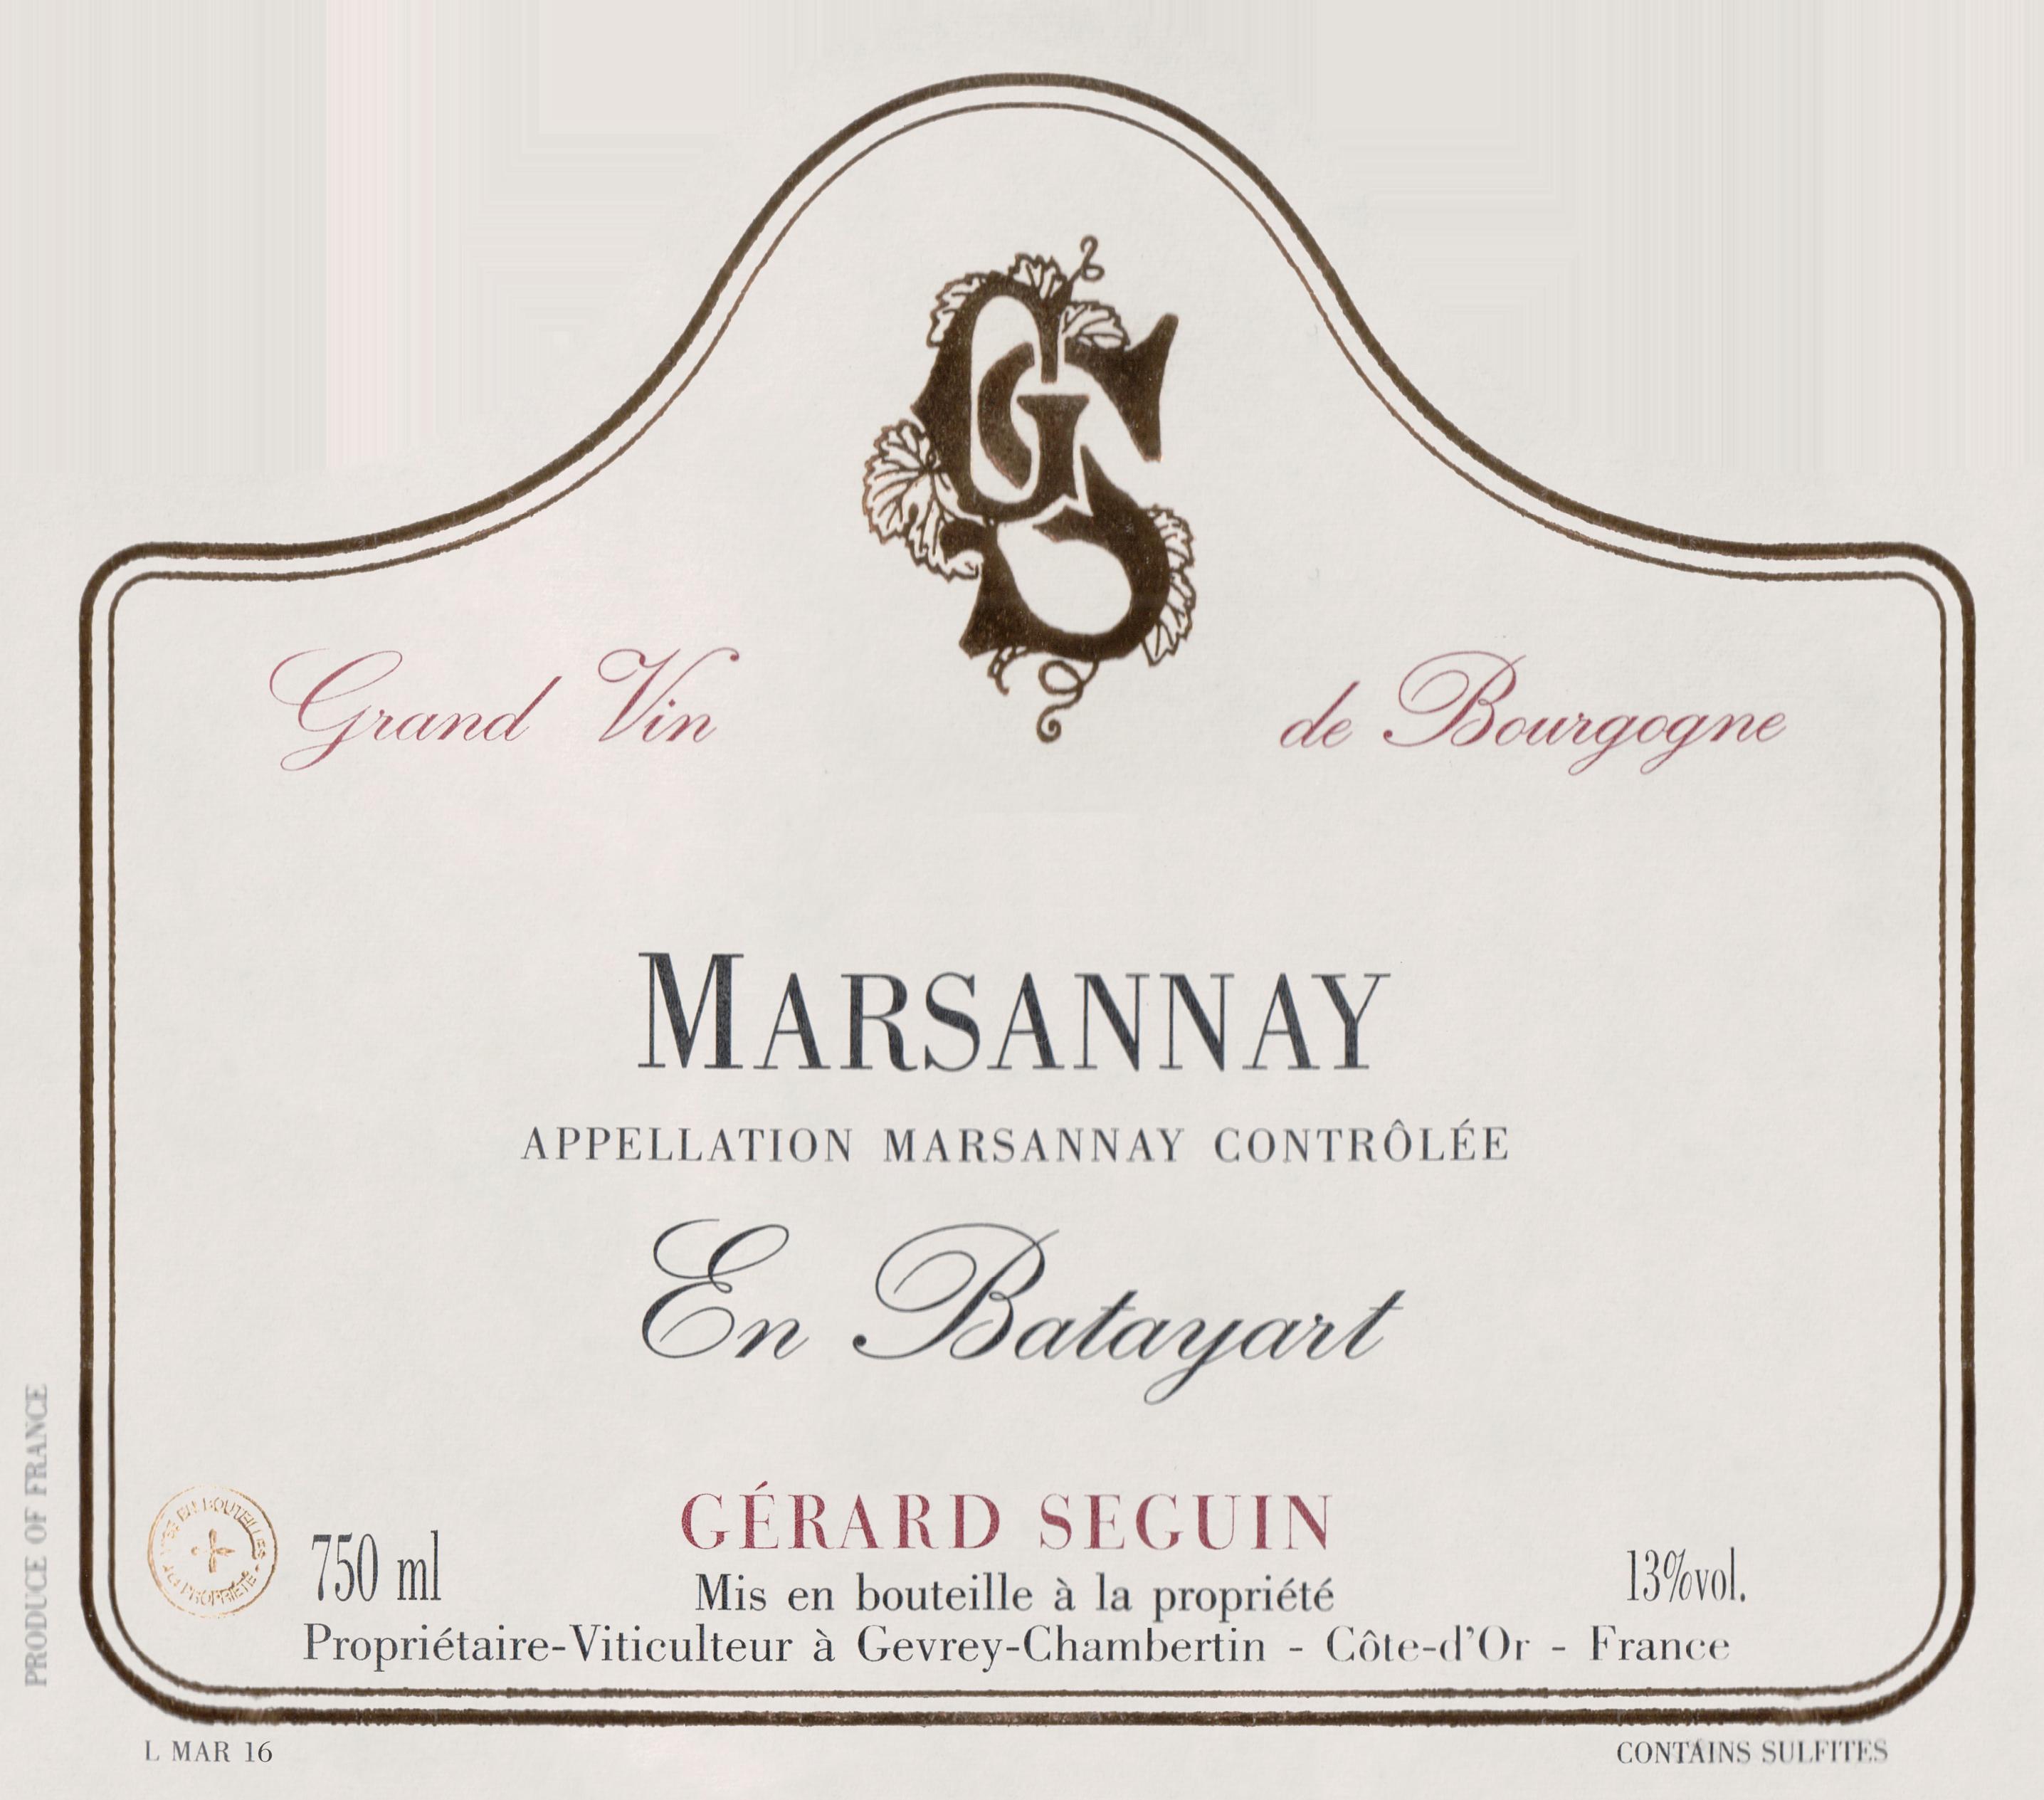 Gerard Seguin Marsannay En Batayart 2017